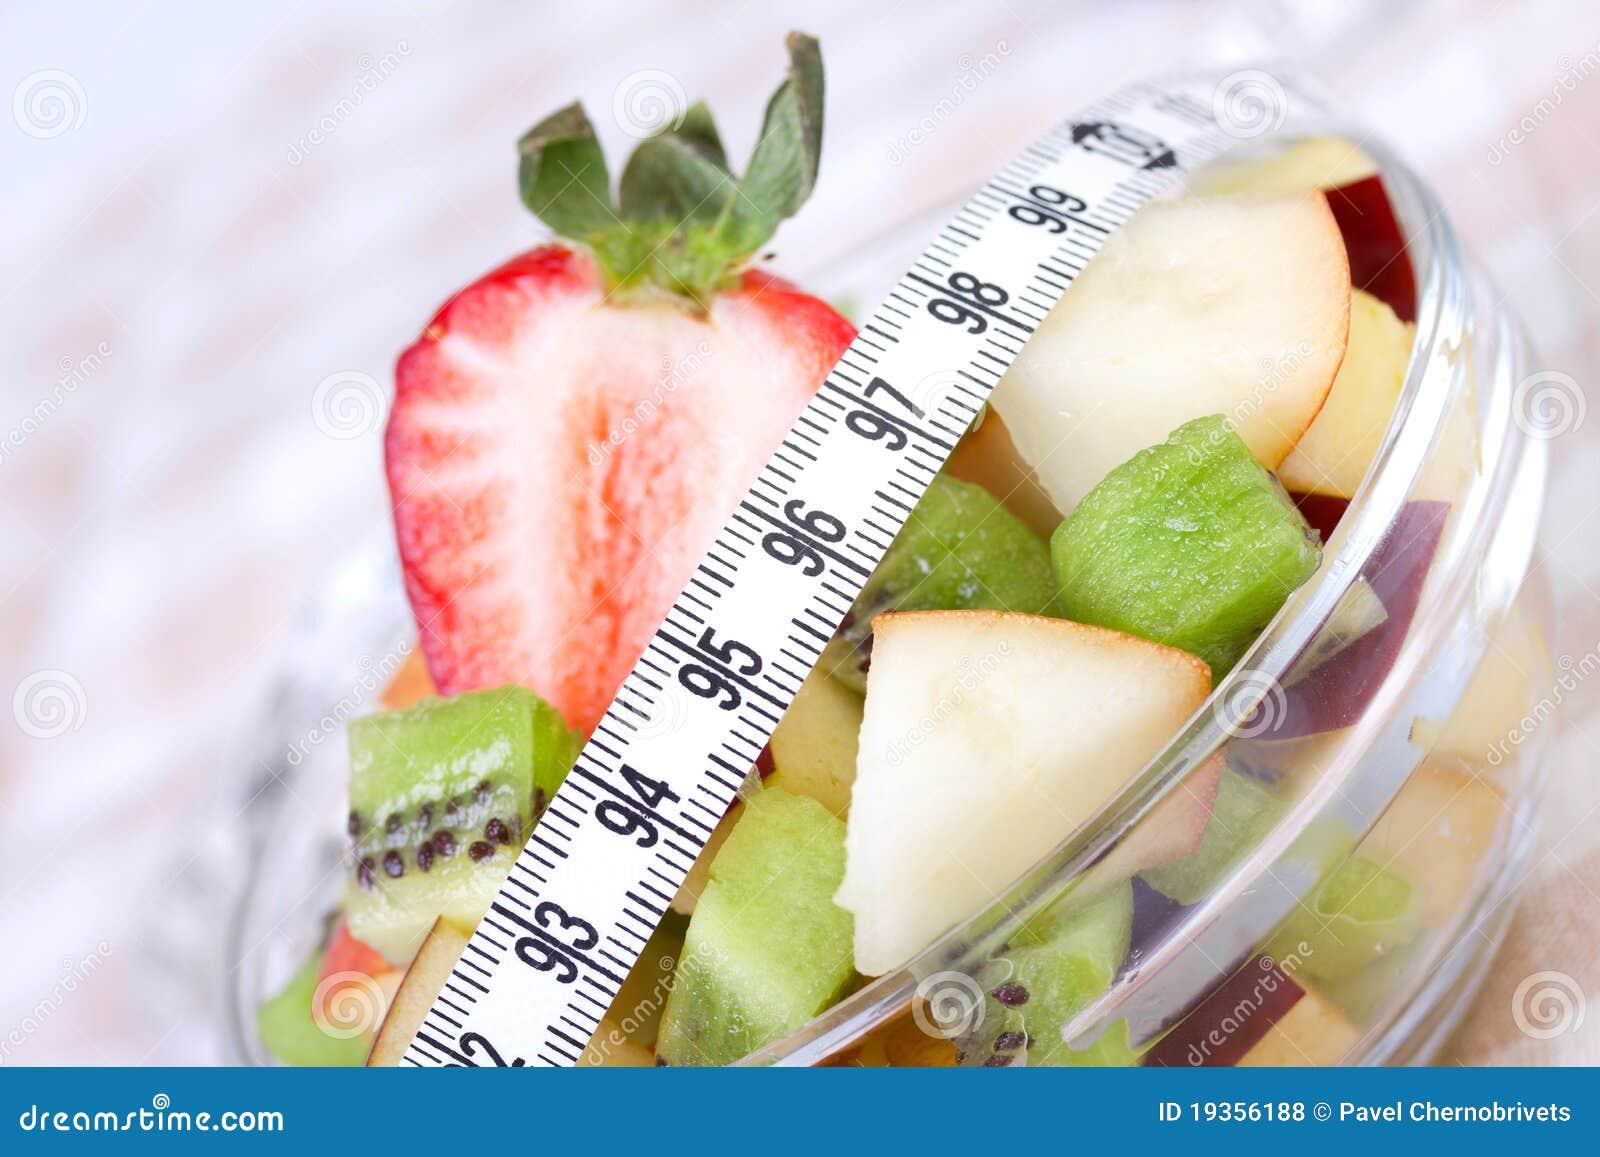 Salada de fruta na placa branca com fita da medida